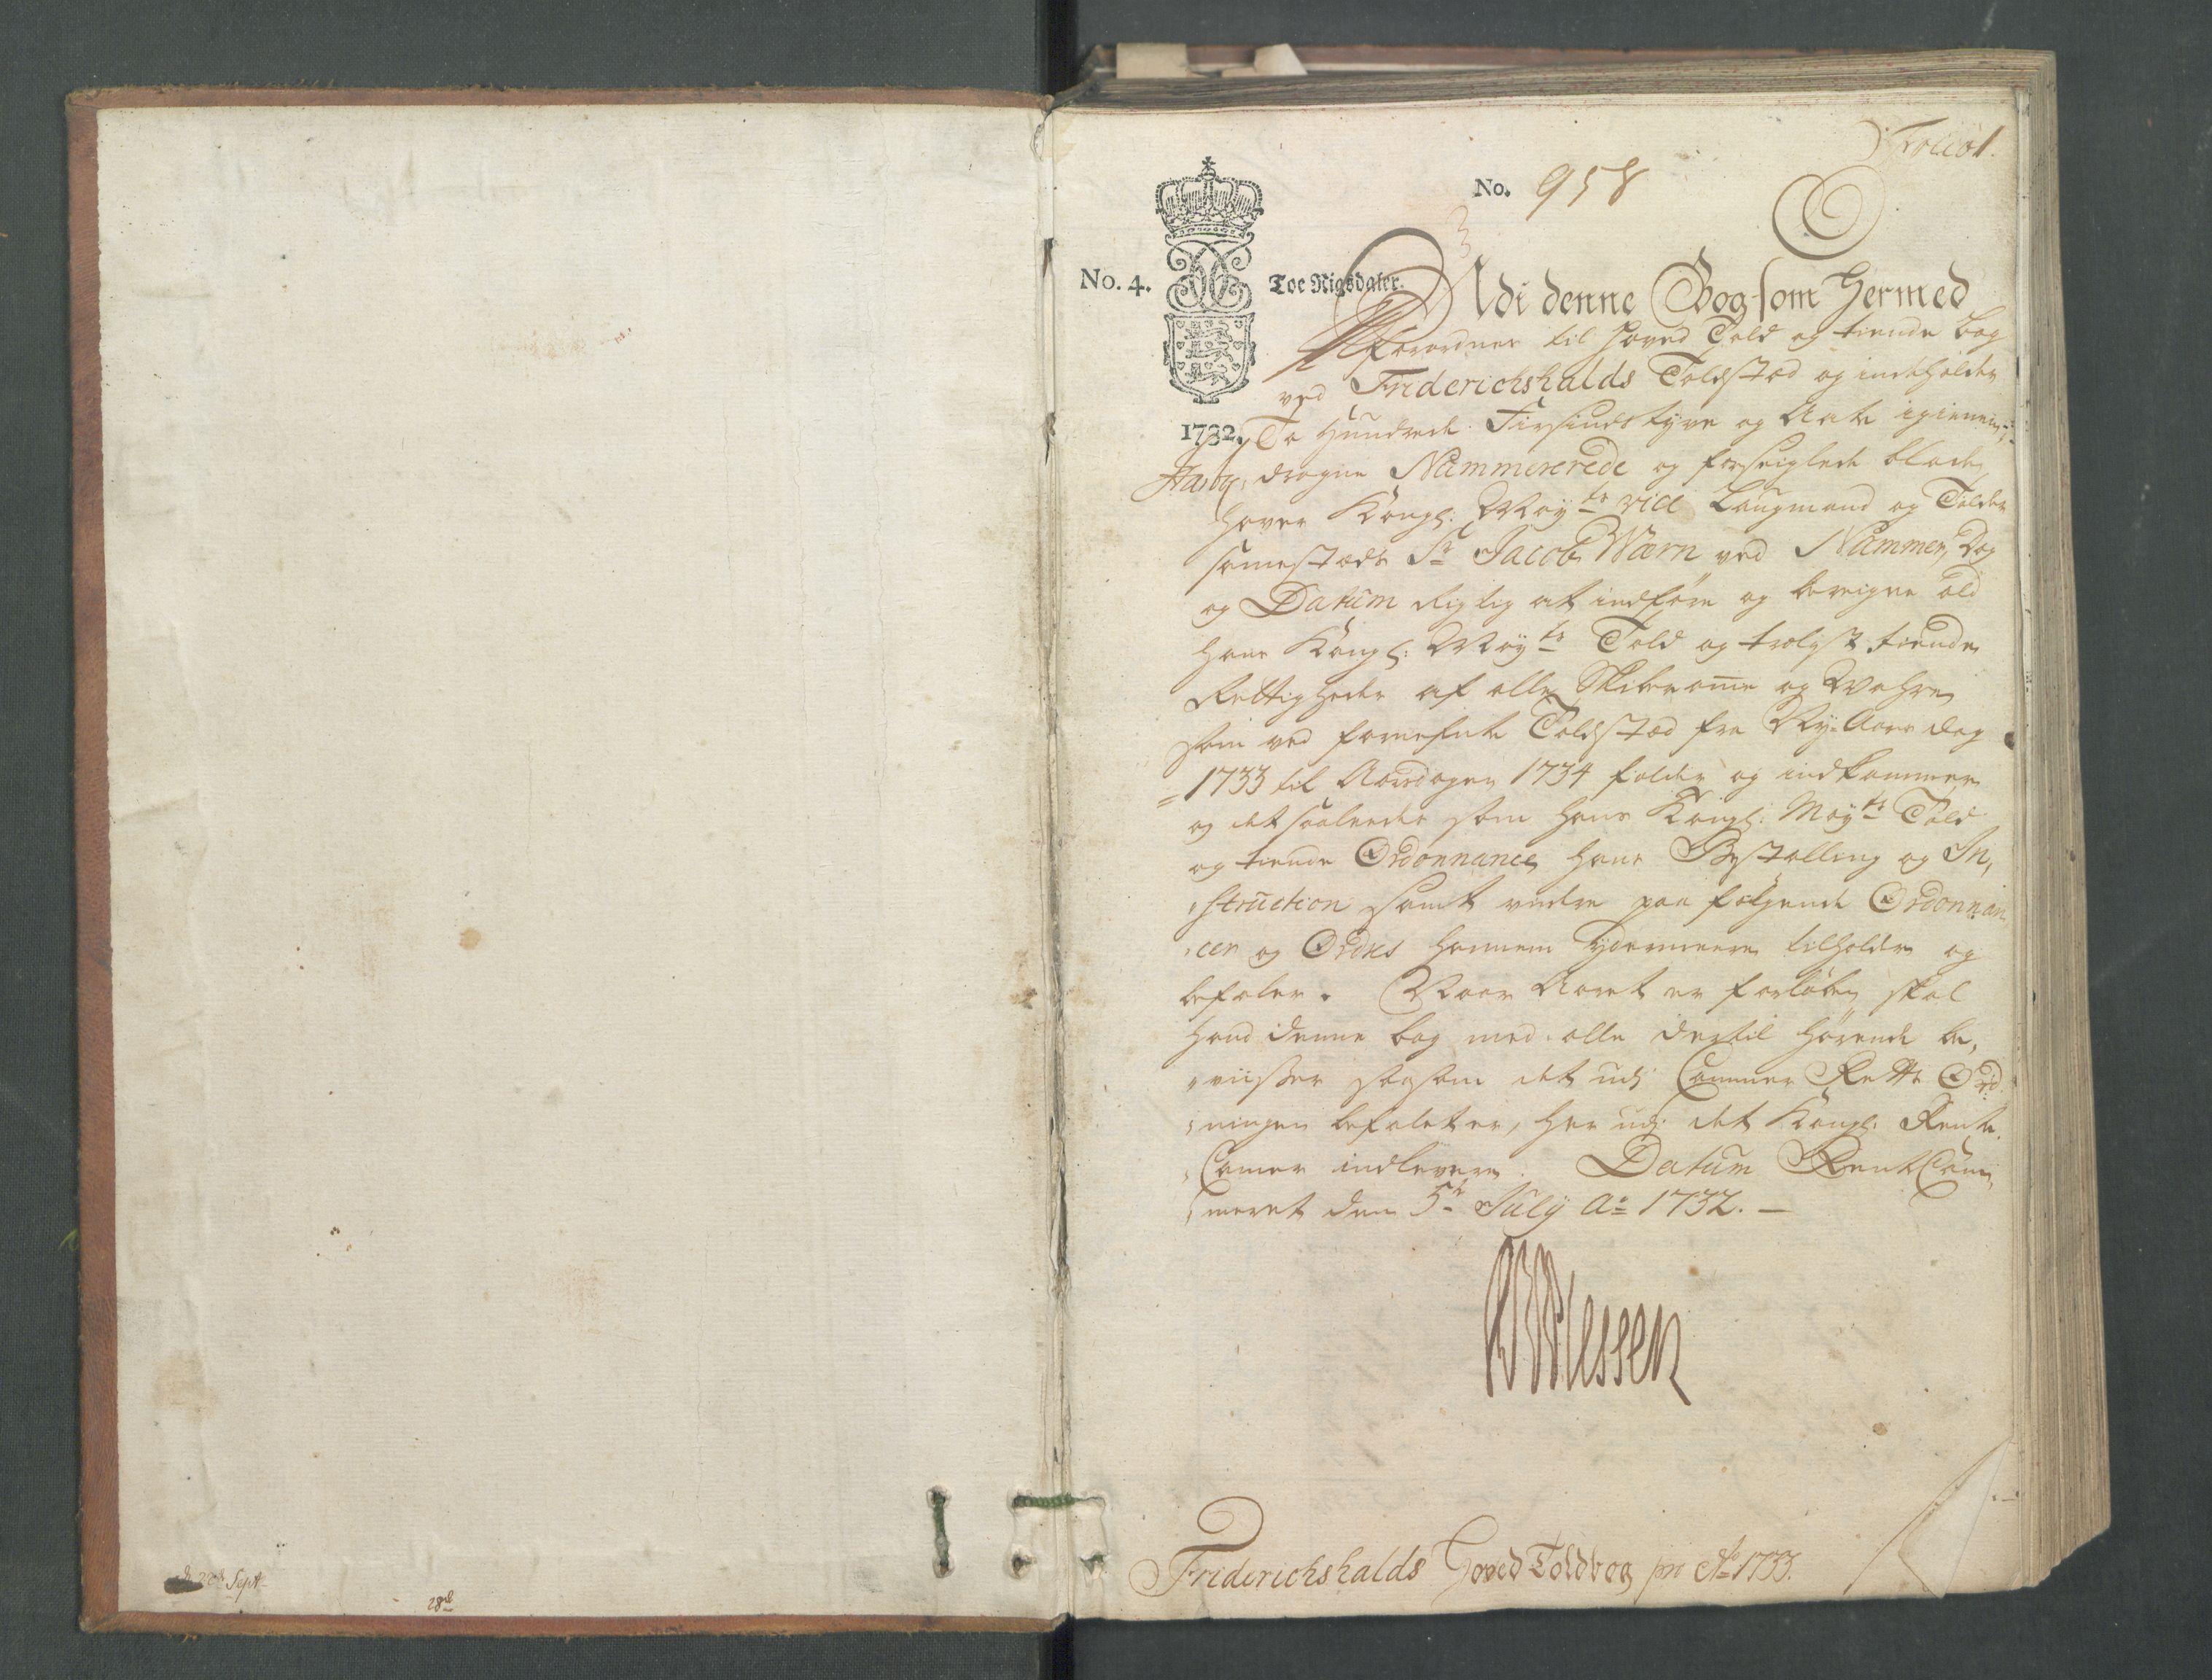 RA, Generaltollkammeret, tollregnskaper, R01/L0008: Tollregnskaper Fredrikshald, 1733, s. 1a